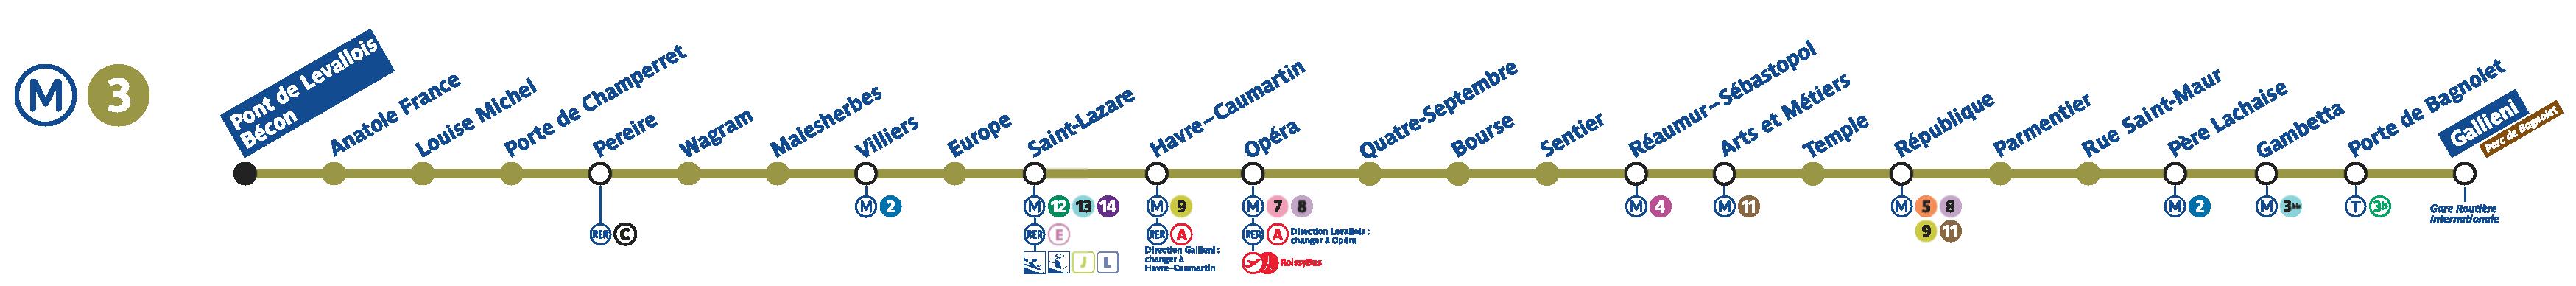 paris metro line 3